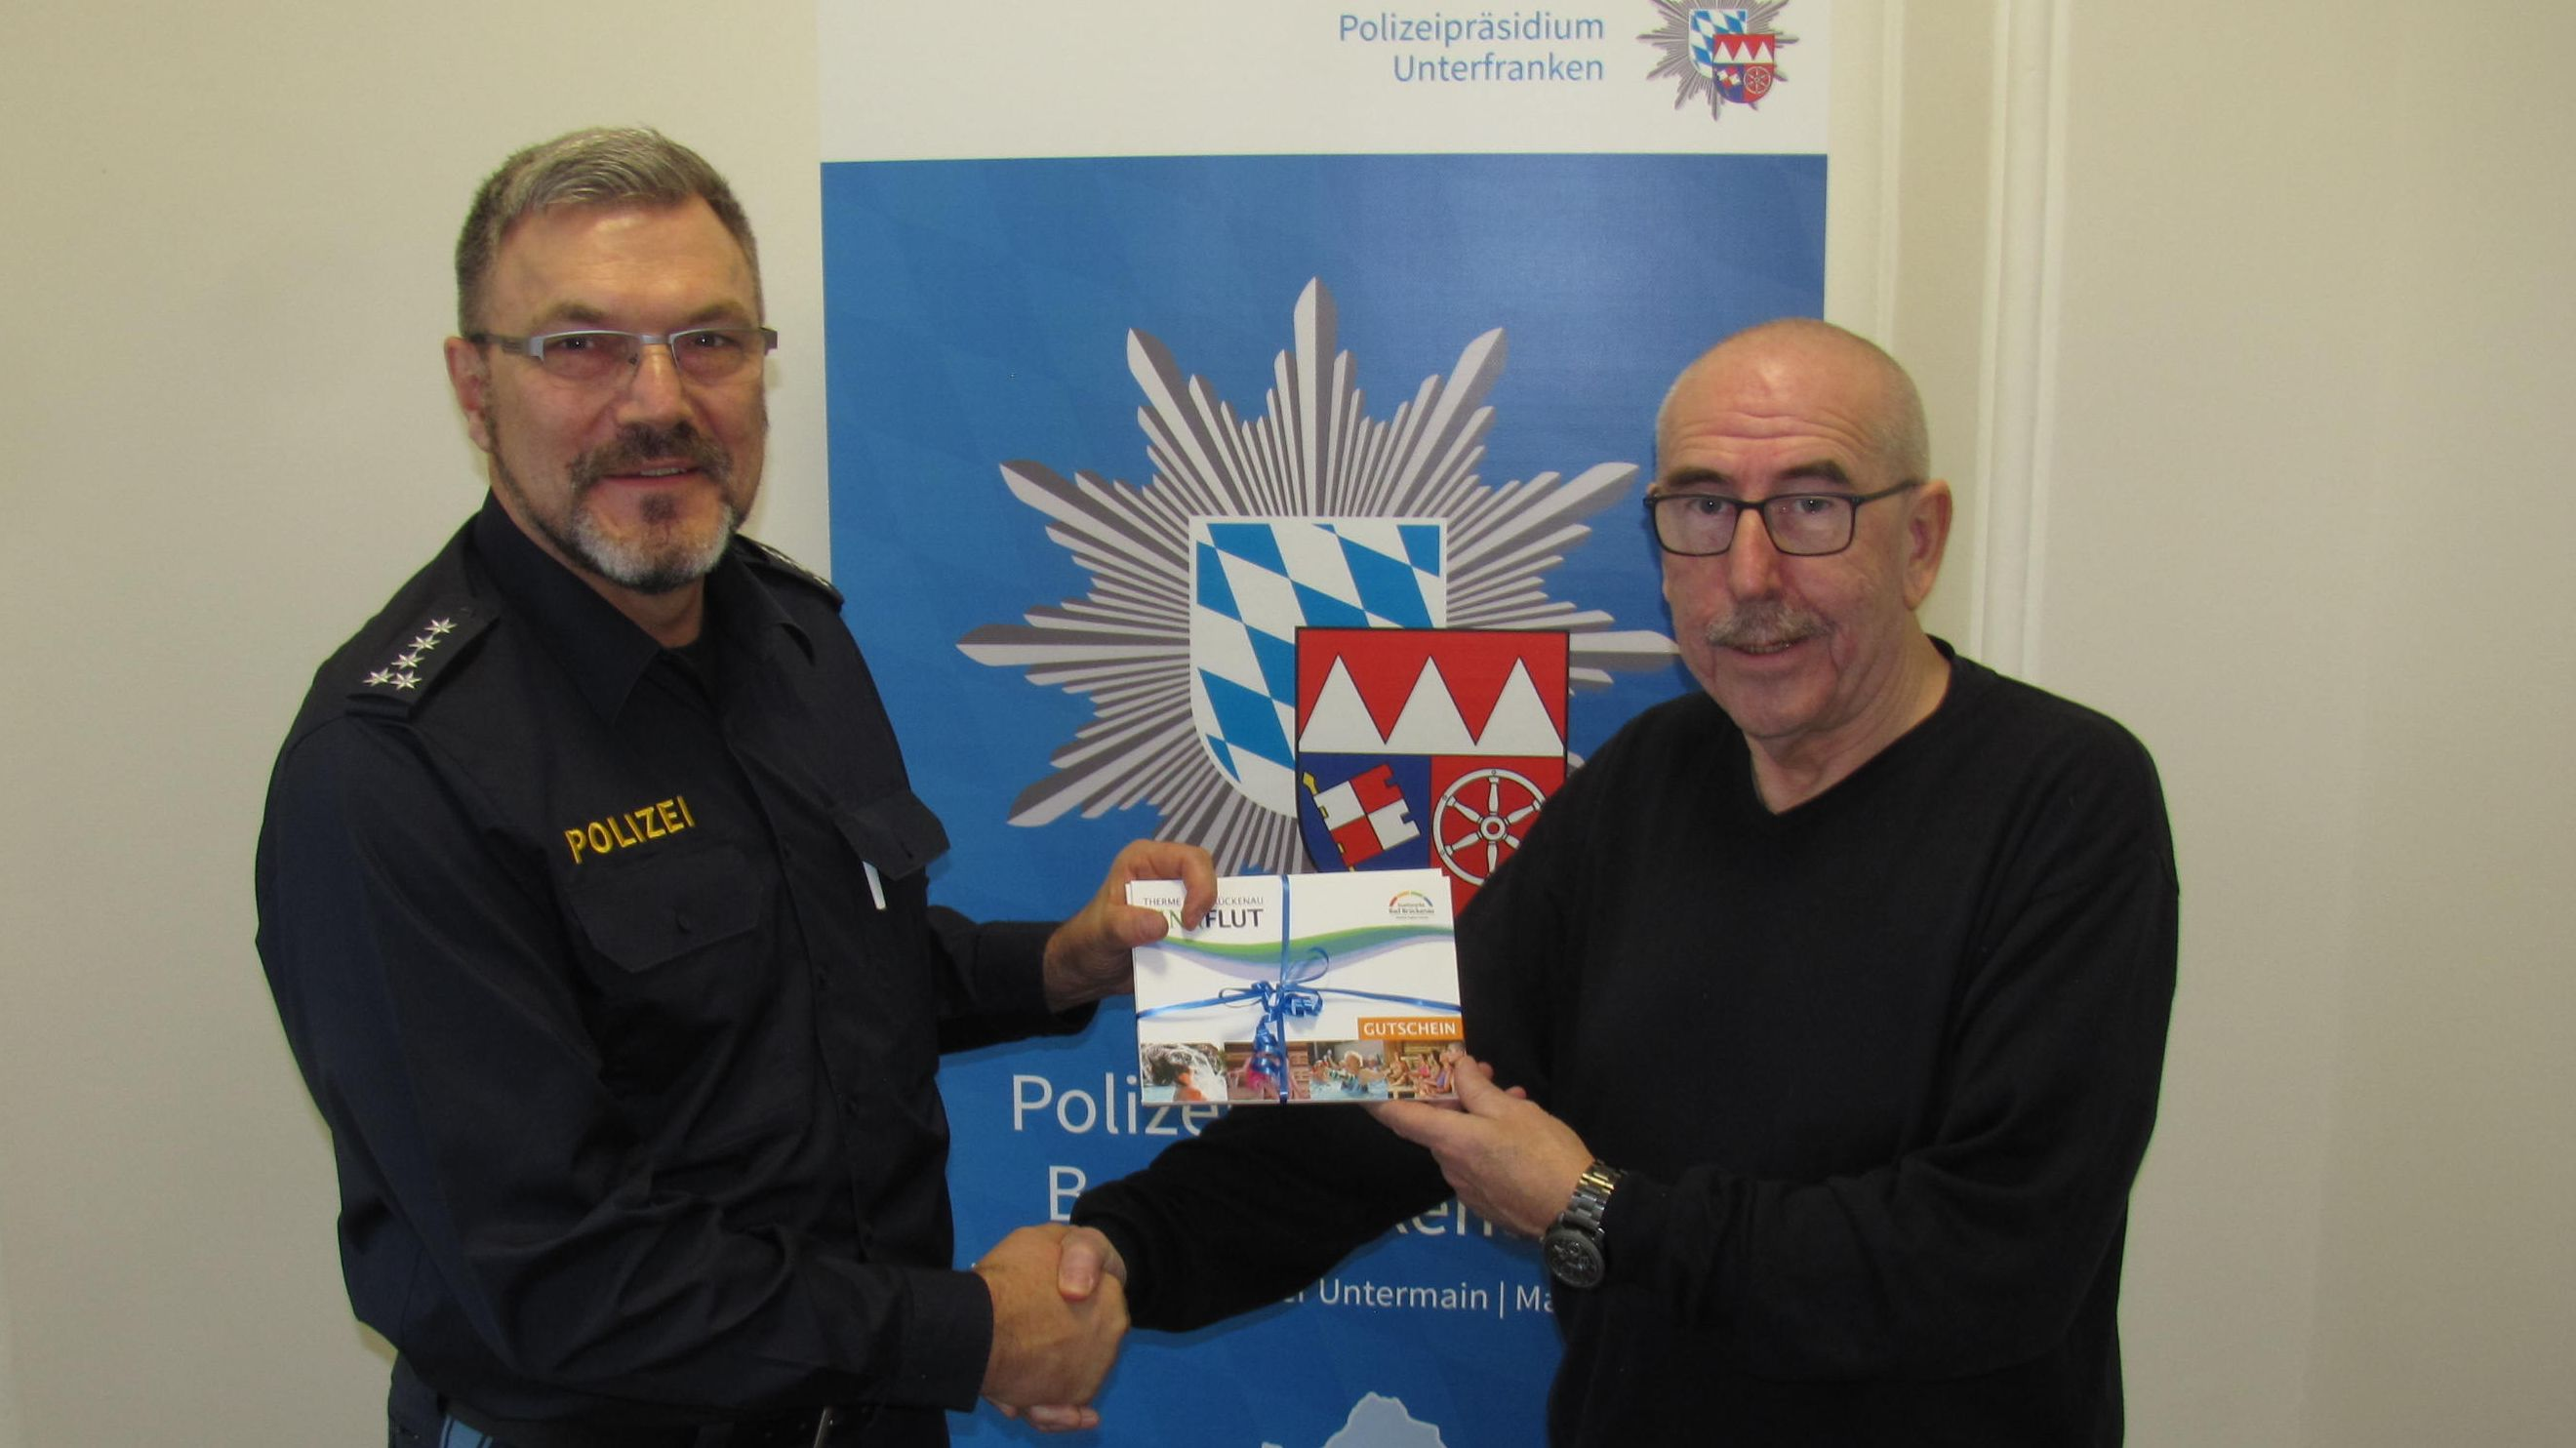 Bad Brückenauer Polizei ehrt aufmerksamen Autofahrer